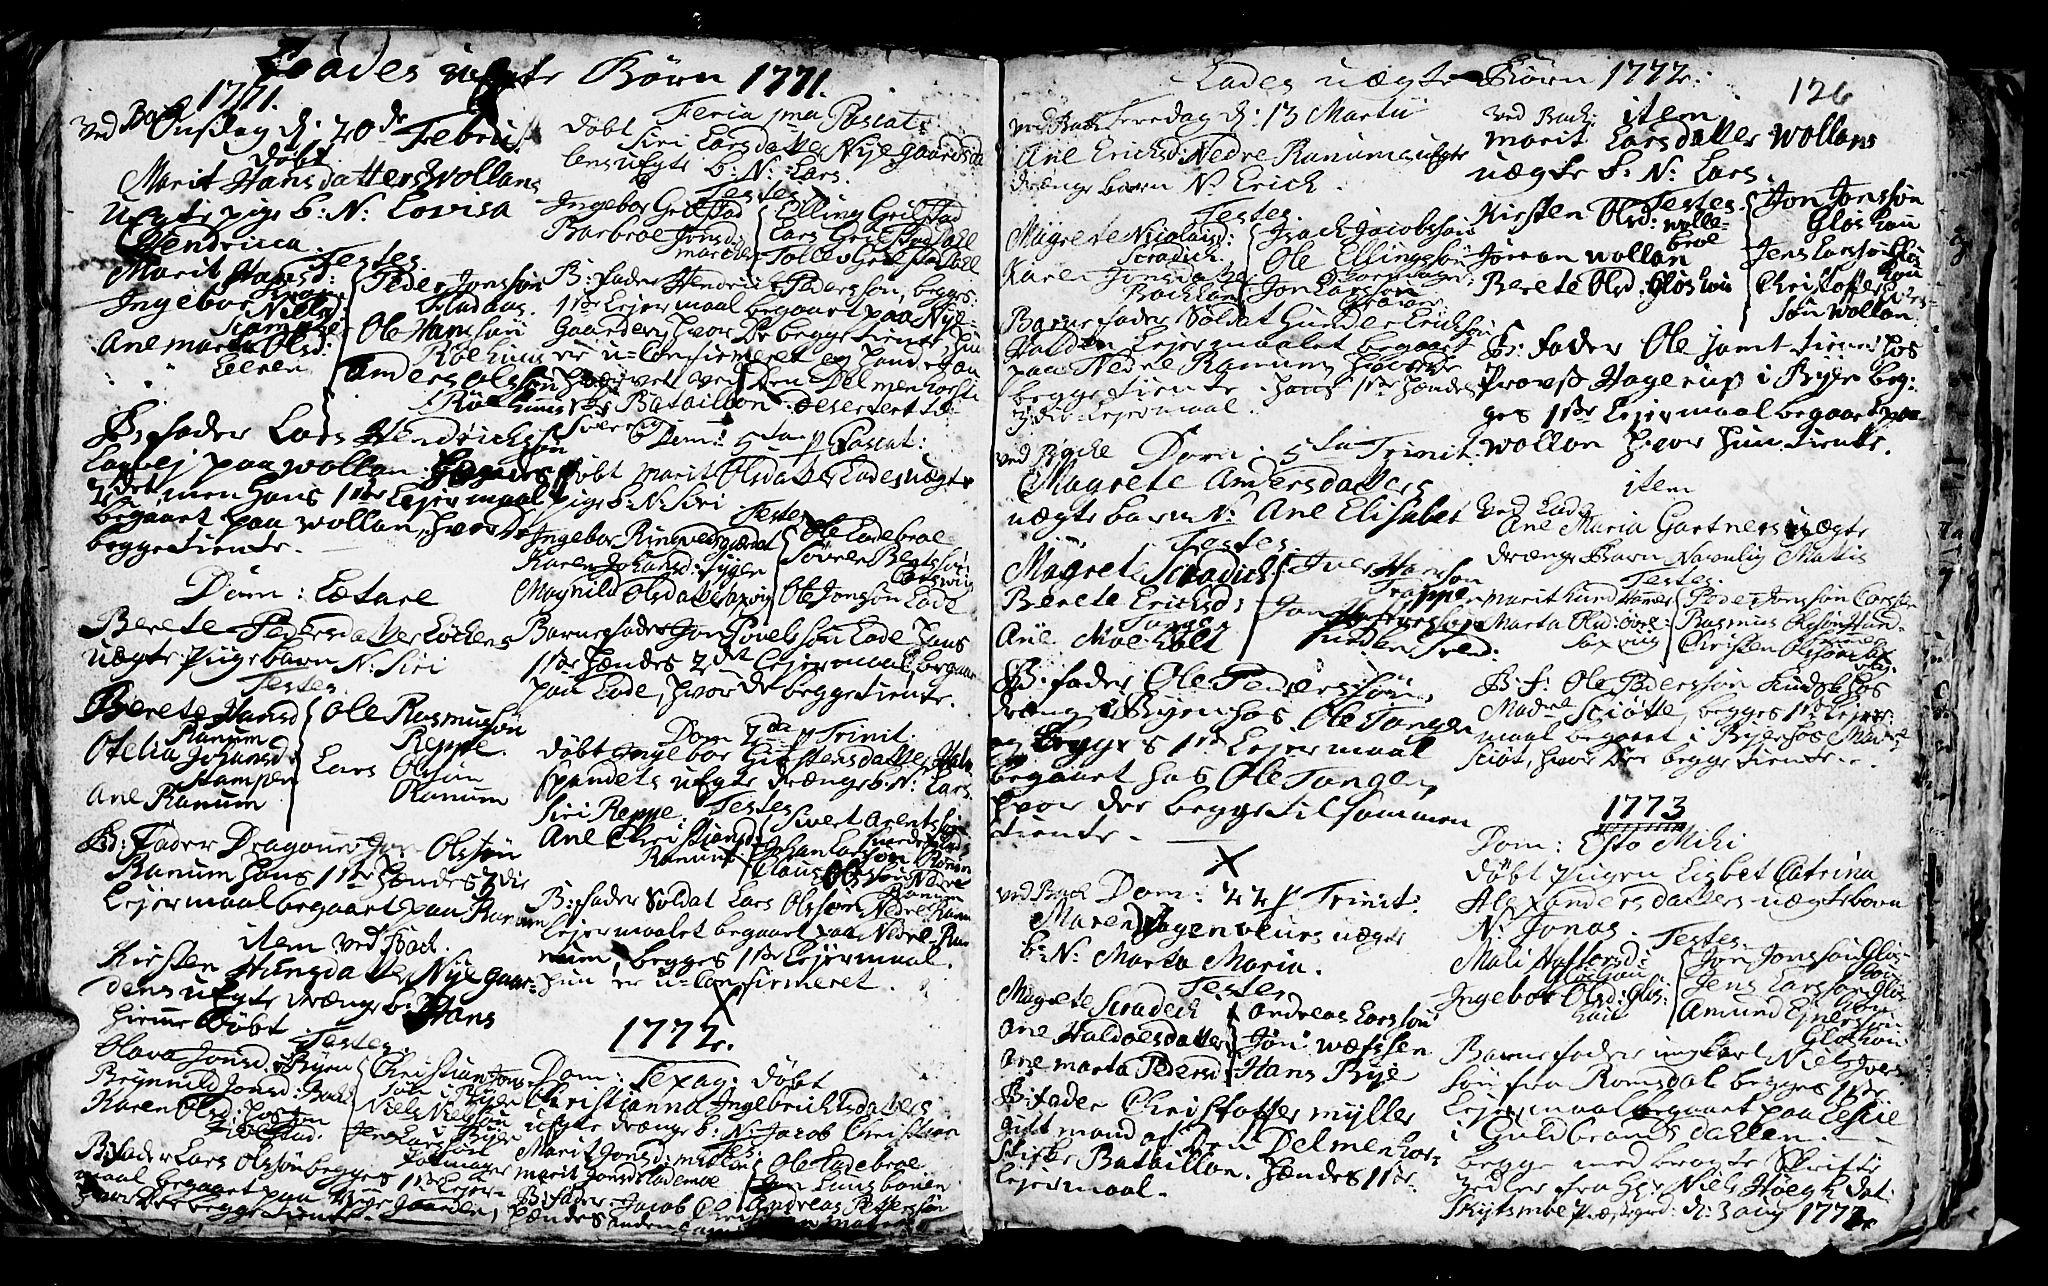 SAT, Ministerialprotokoller, klokkerbøker og fødselsregistre - Sør-Trøndelag, 606/L0305: Klokkerbok nr. 606C01, 1757-1819, s. 126